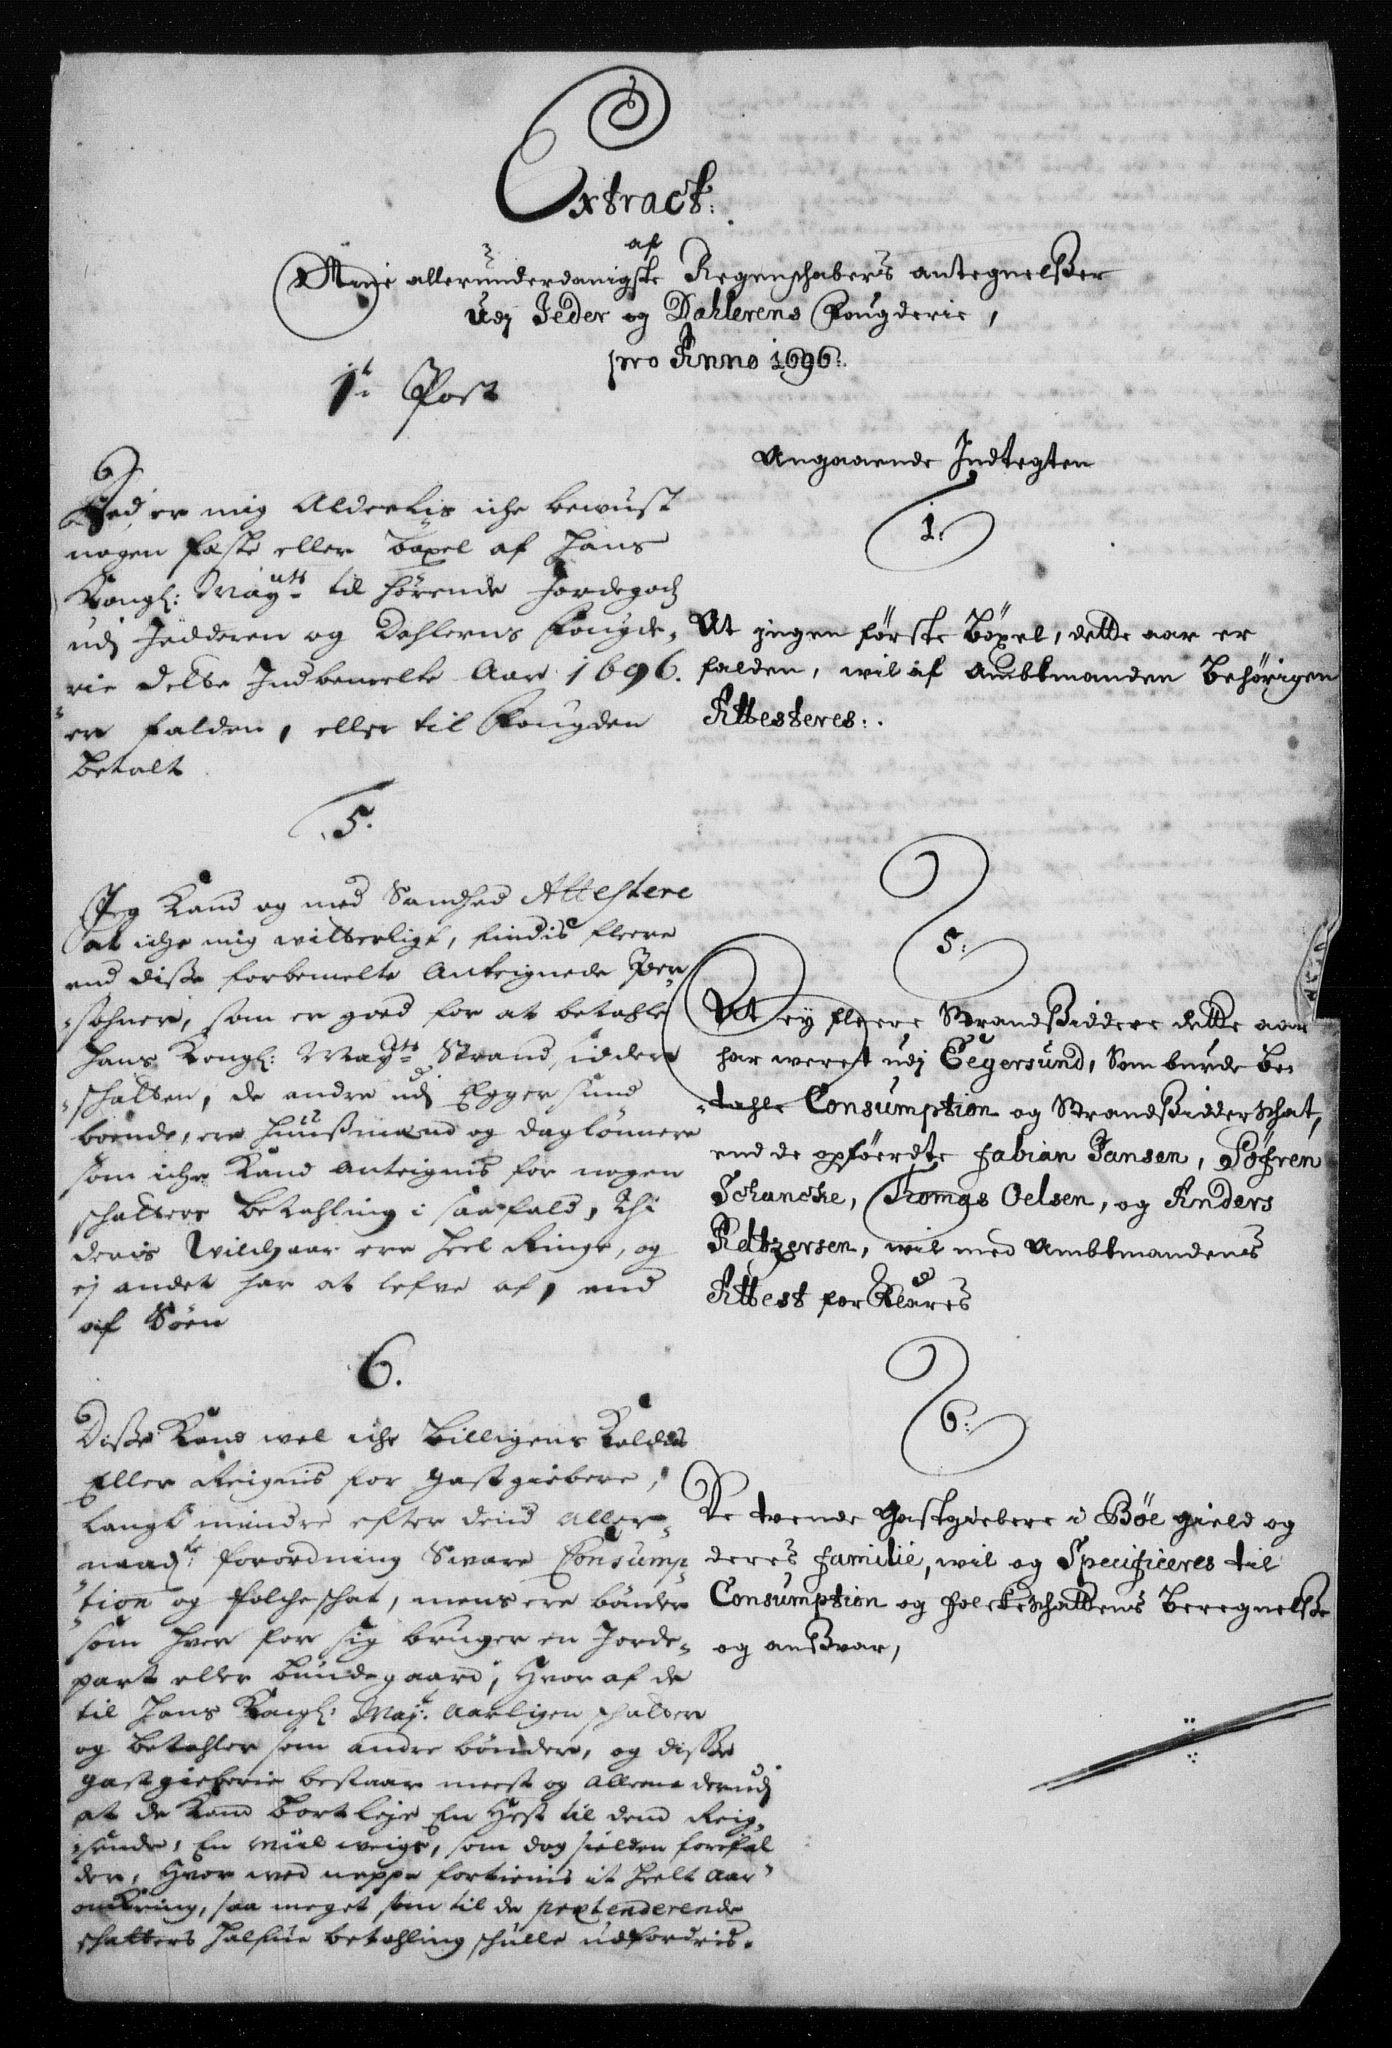 RA, Rentekammeret inntil 1814, Reviderte regnskaper, Fogderegnskap, R46/L2728: Fogderegnskap Jæren og Dalane, 1694-1696, s. 530